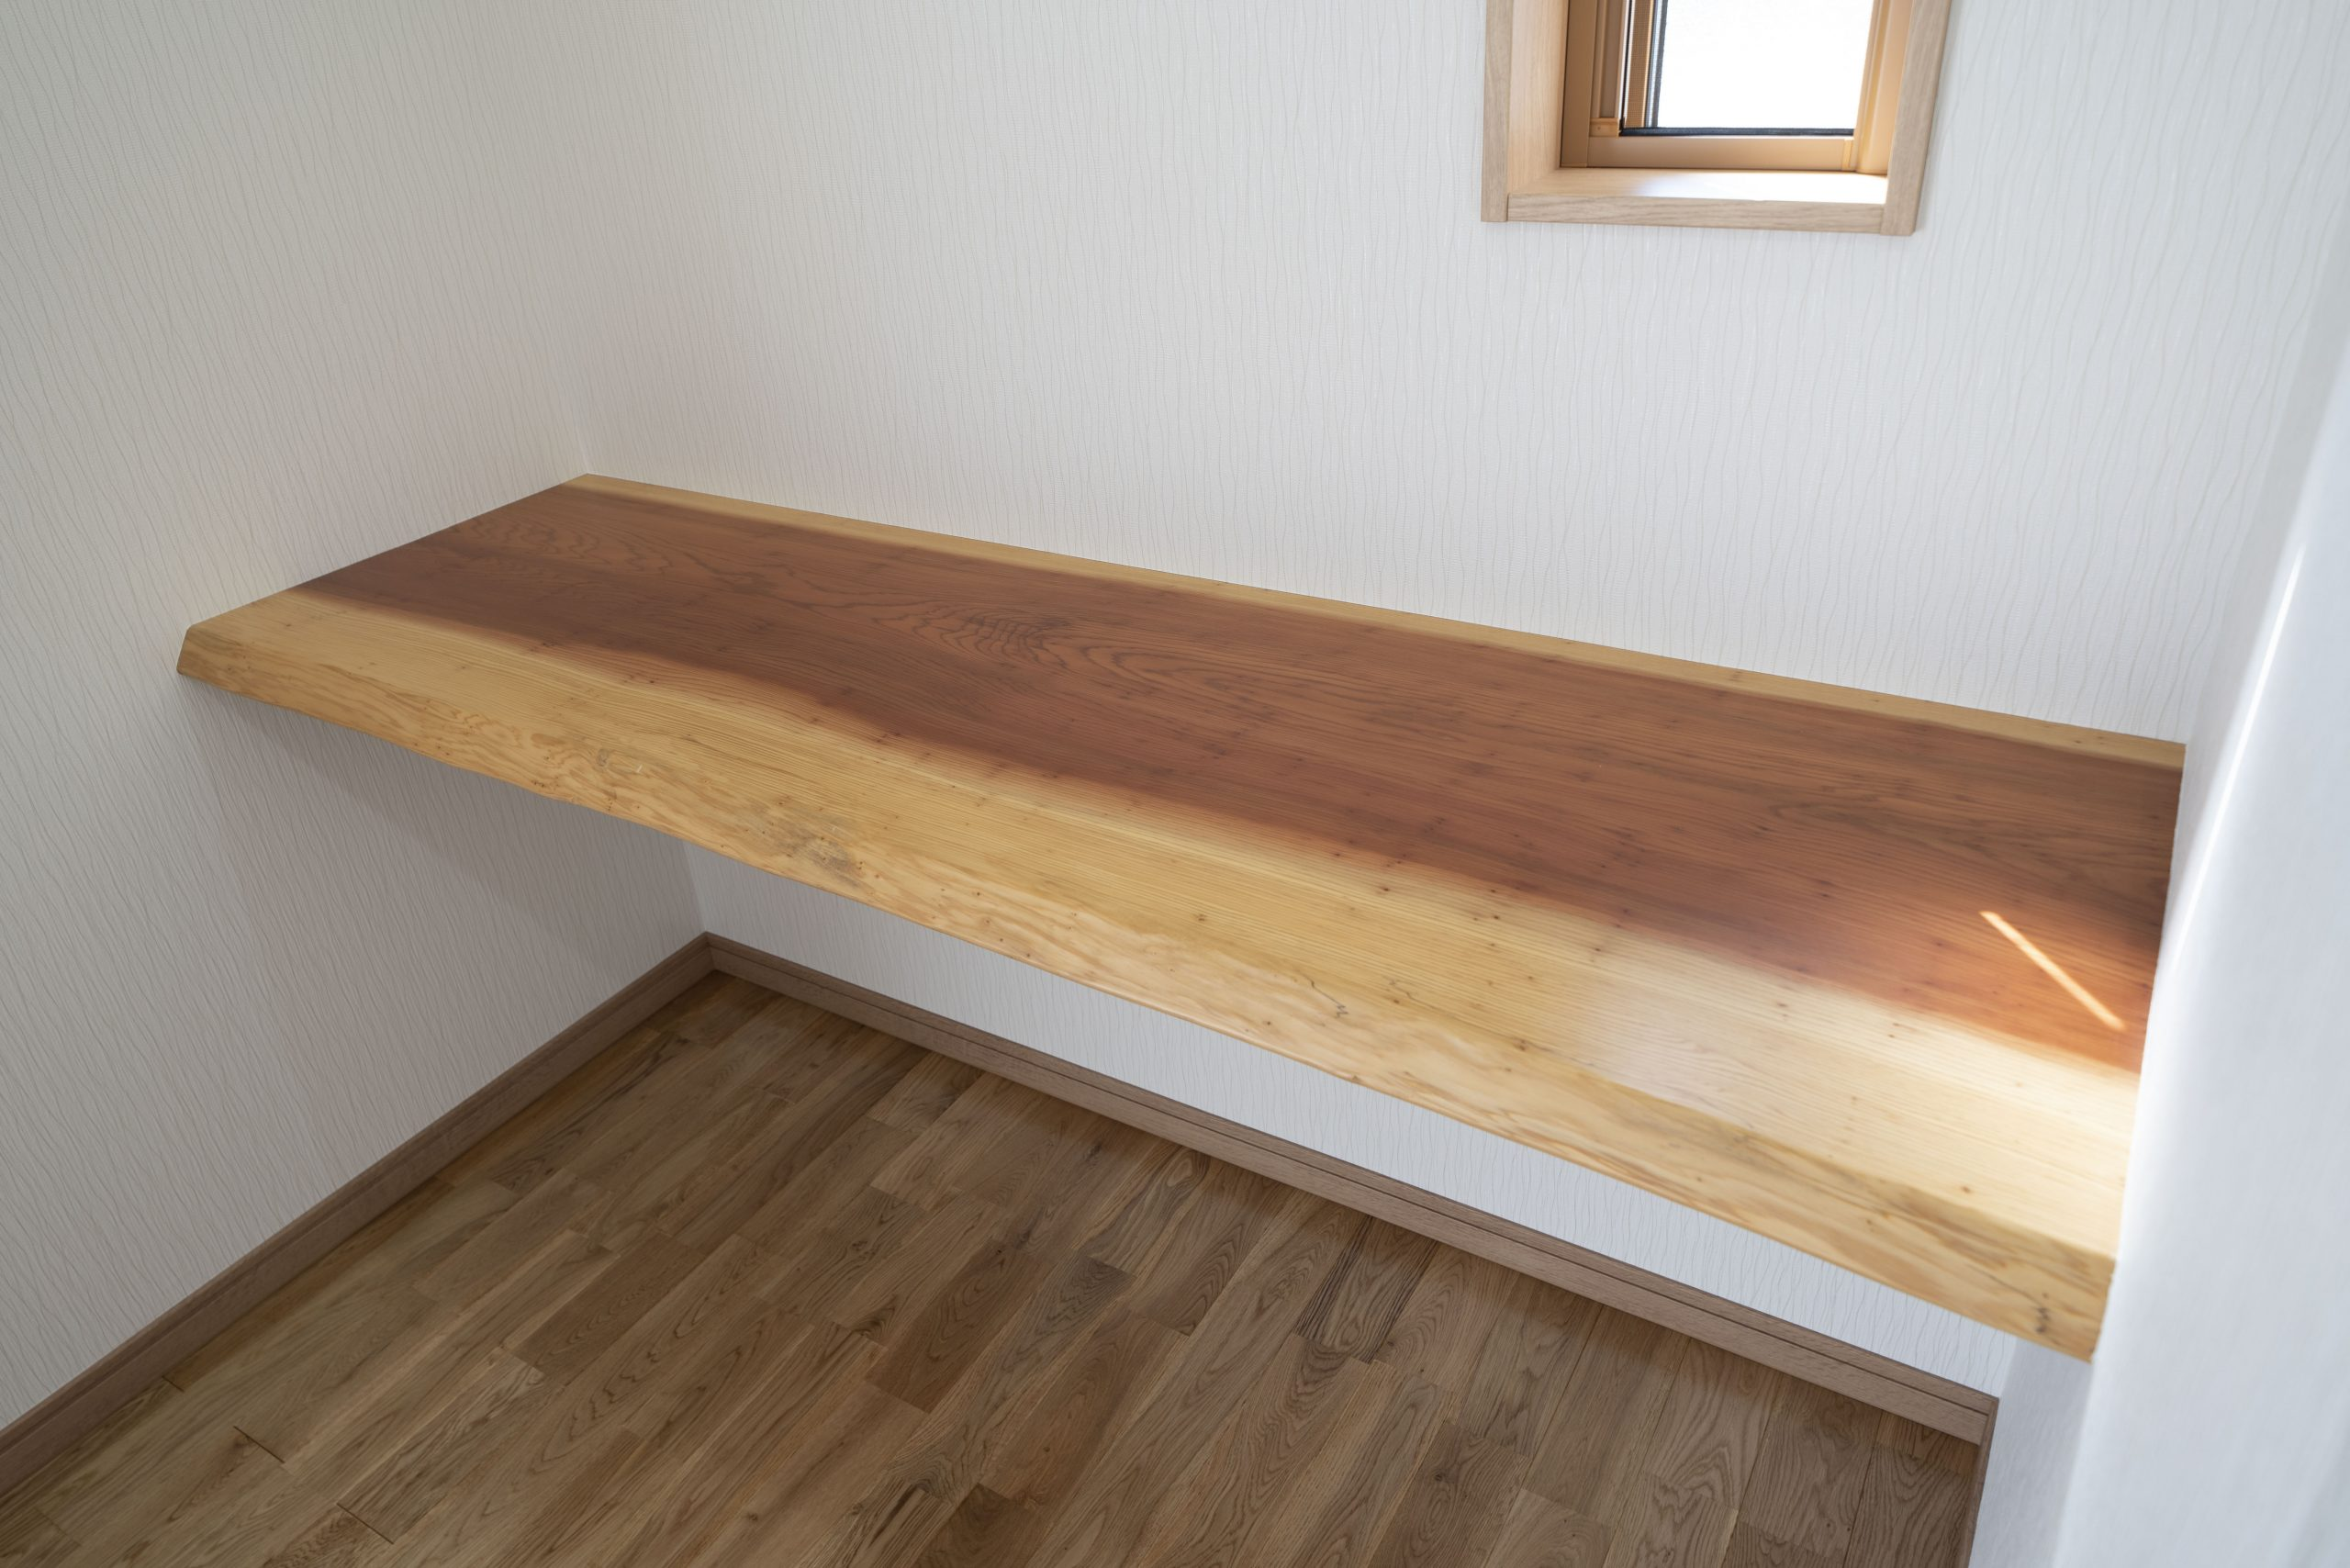 茨城の3LDKの平屋の家の内観:無垢材をふんだんに使った造り付け家具